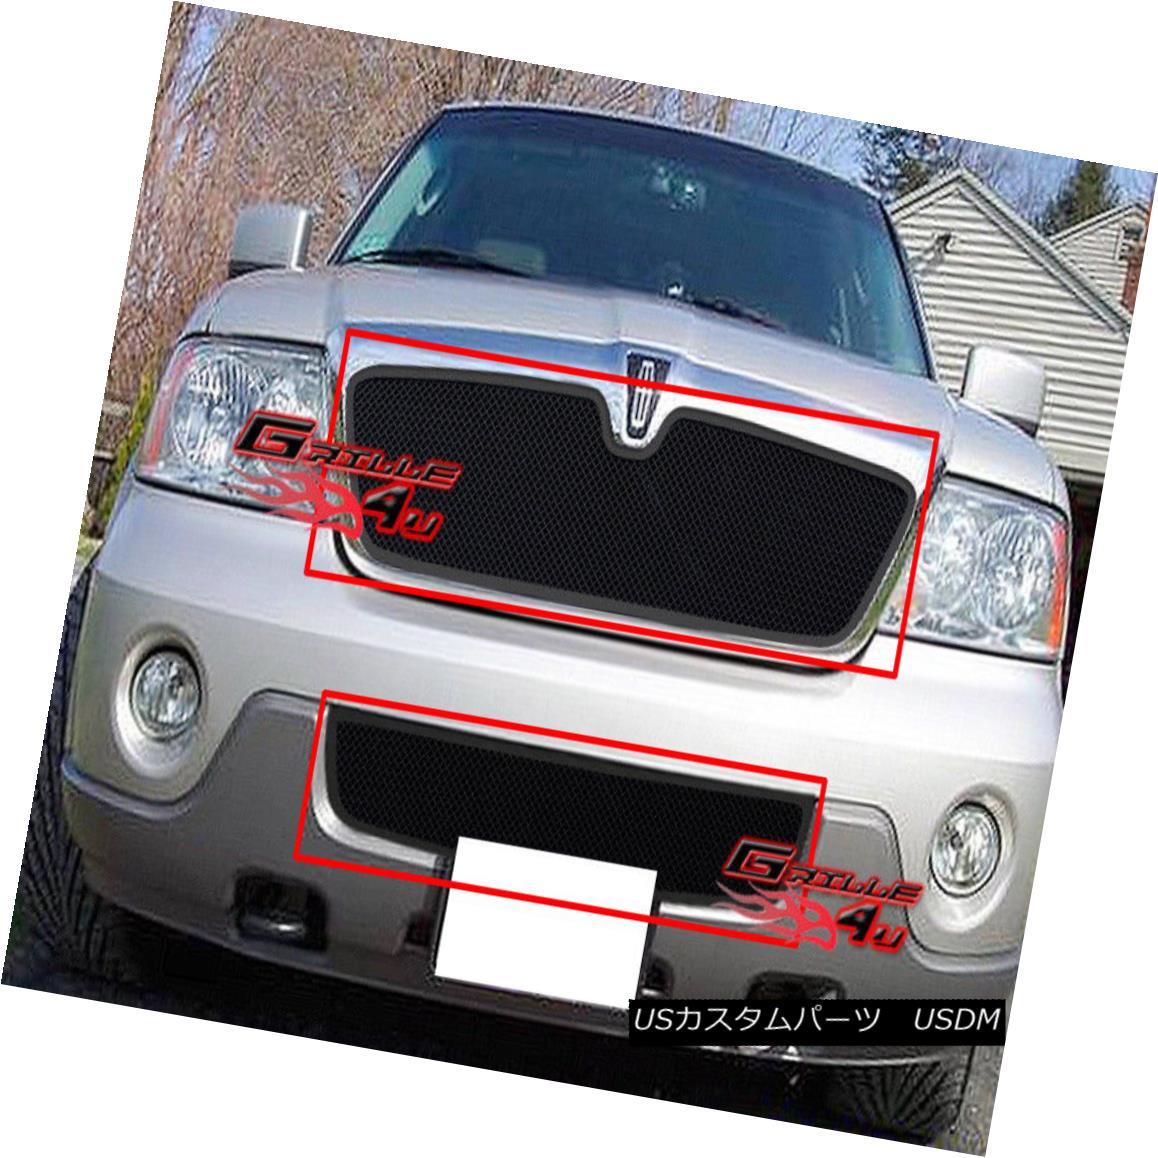 グリル Fits 2003-2006 Lincoln Navigator Black Mesh Grille Combo フィット2003-2006リンカーンナビゲーターブラックメッシュグリルコンボ